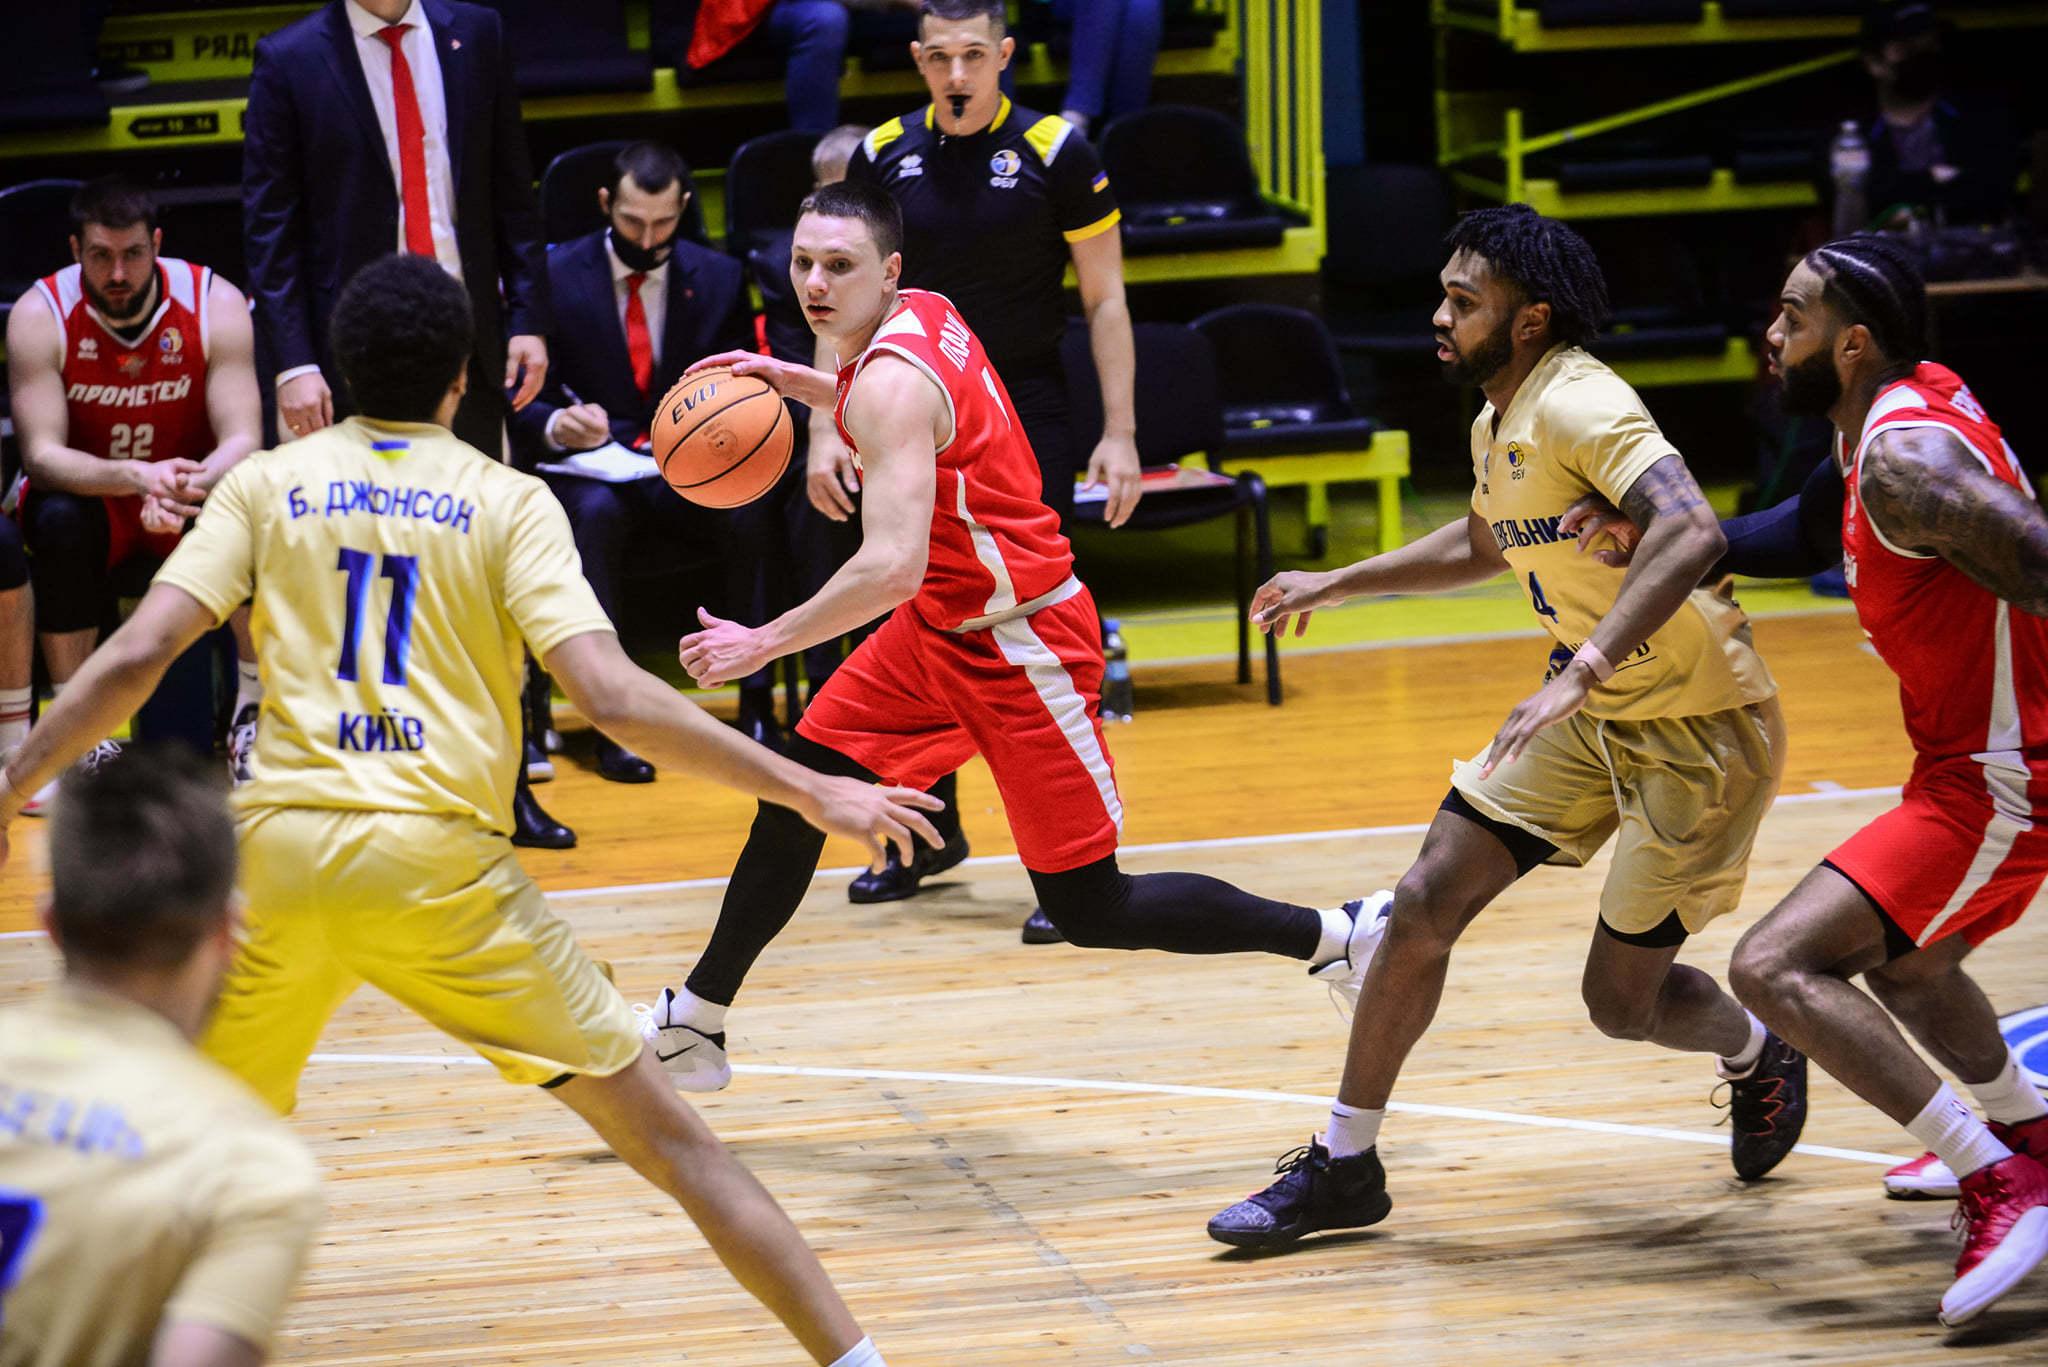 Новий баскетбольний сезон в Україні стартуватиме матчем за Суперкубок